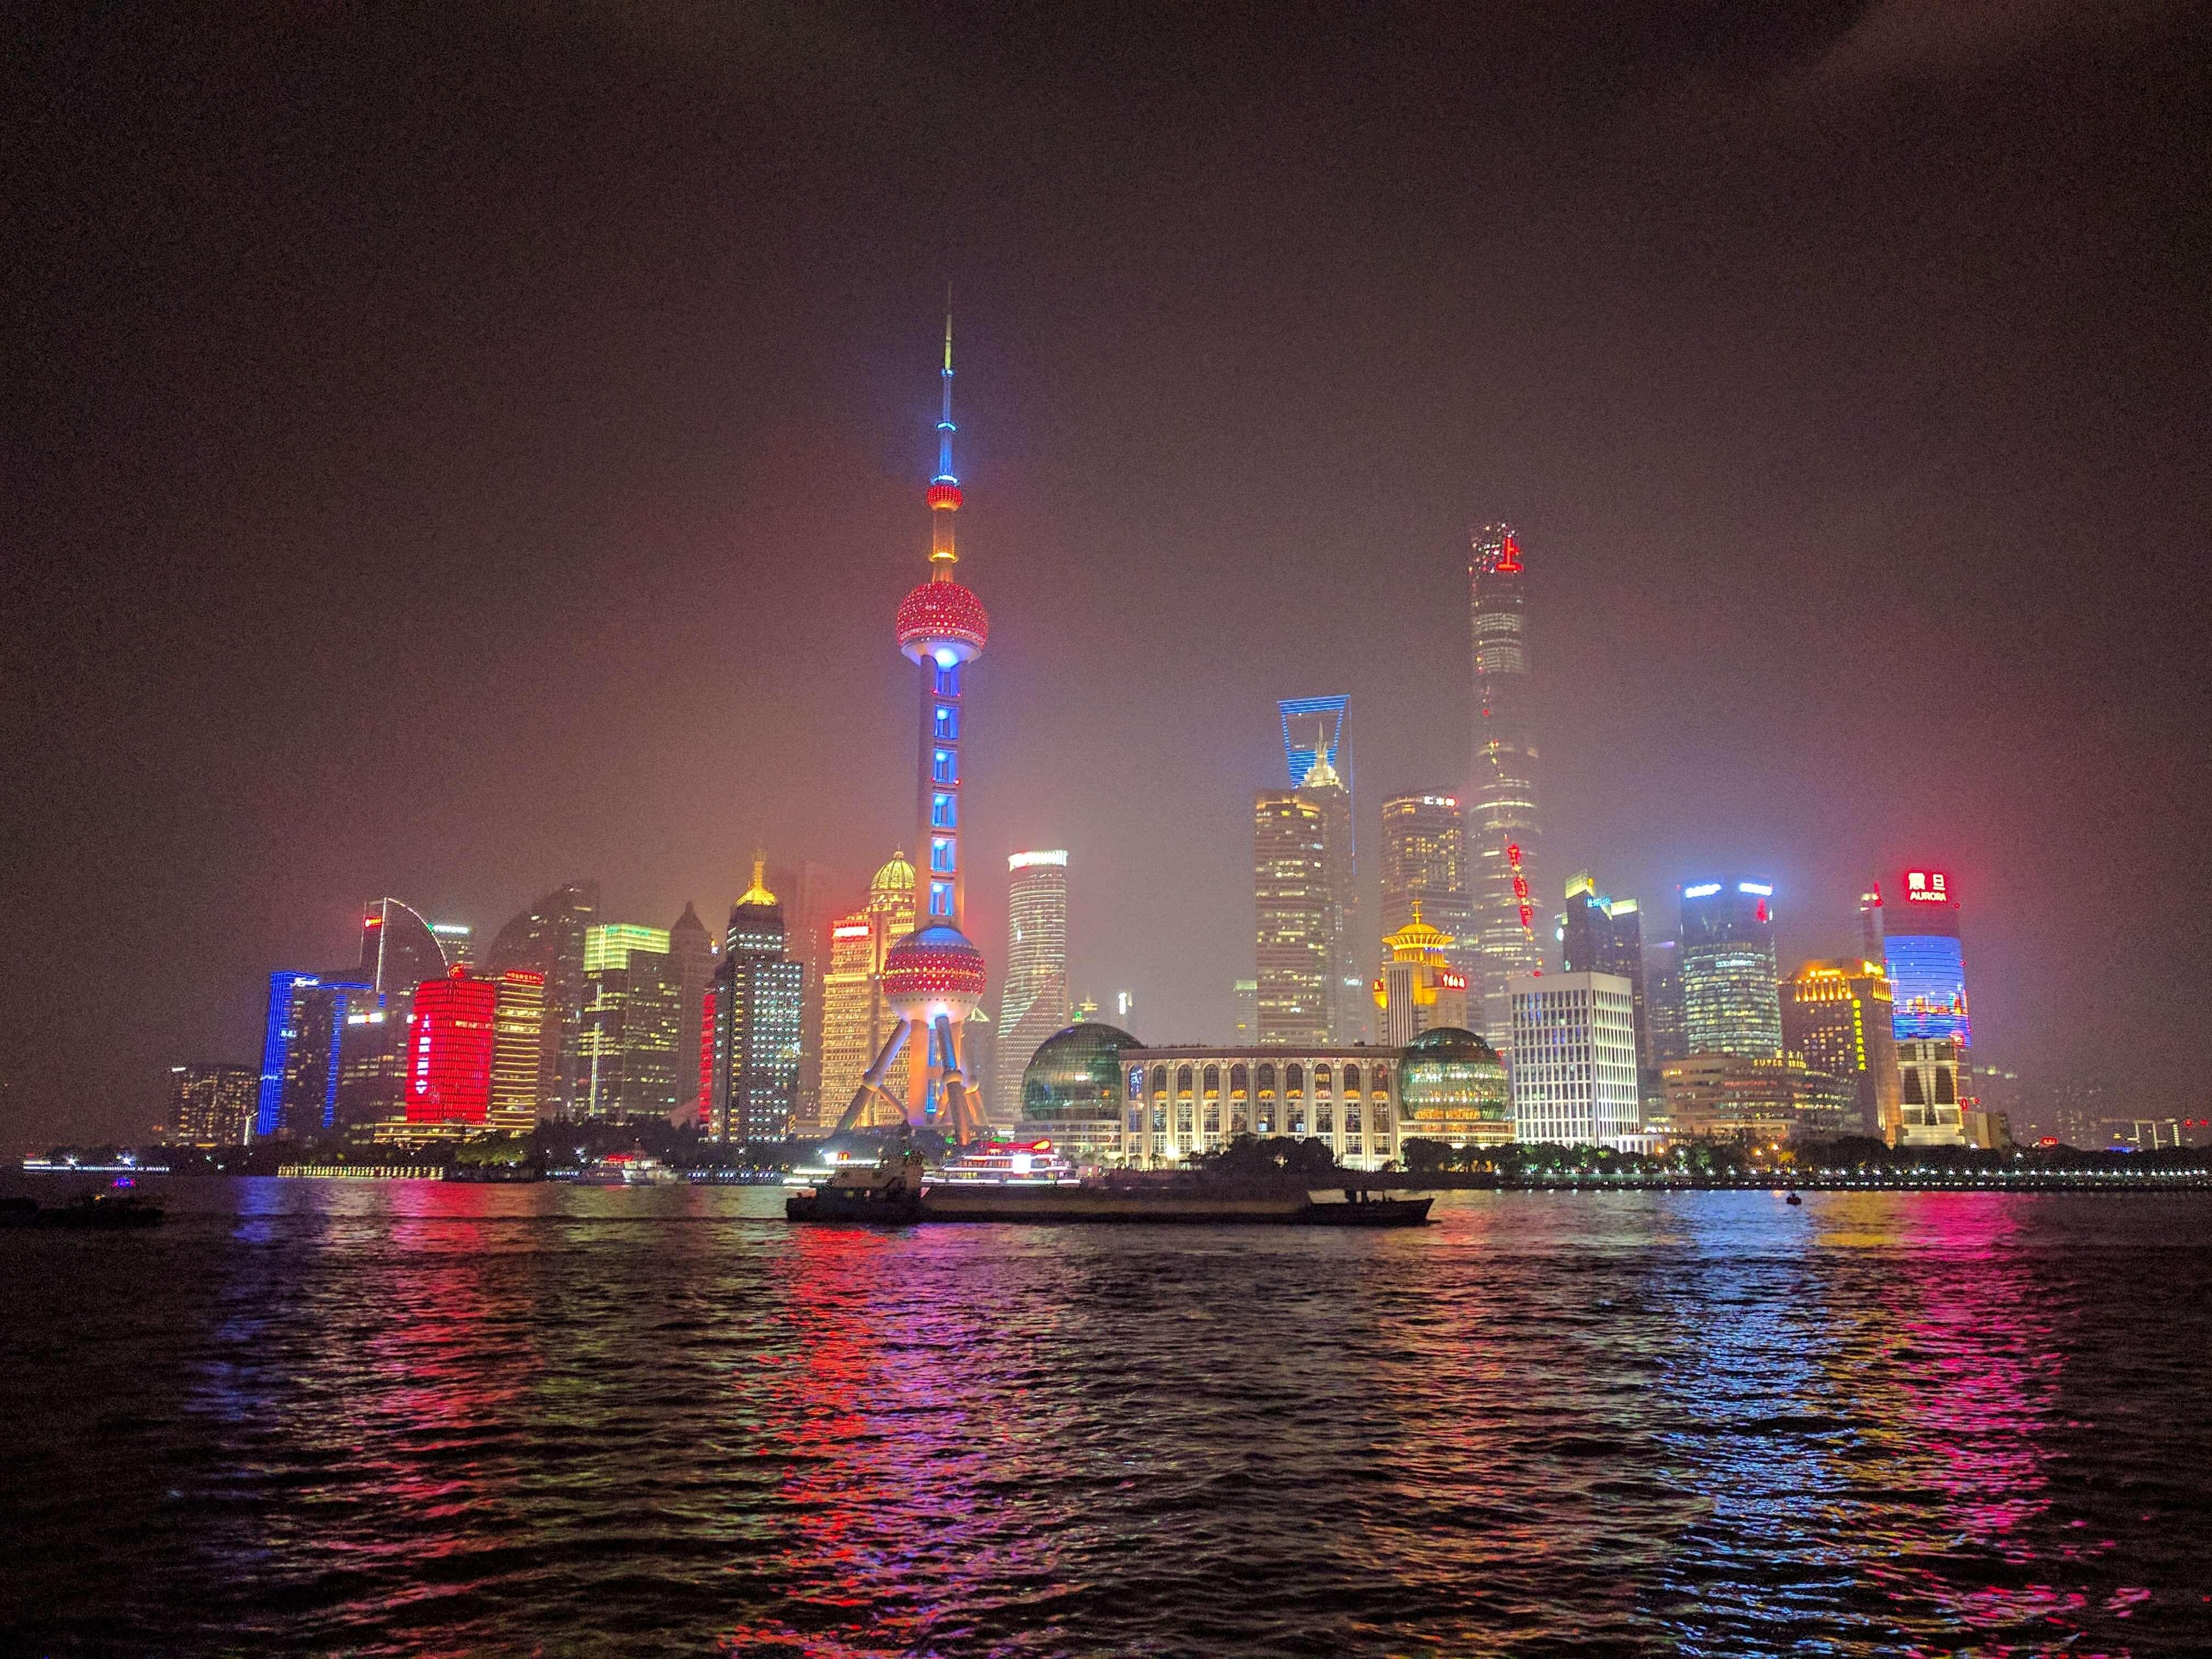 Rascacielos de Pudong, vistos desde el Bund, Shanghái, China, 2017 | Viajar a China